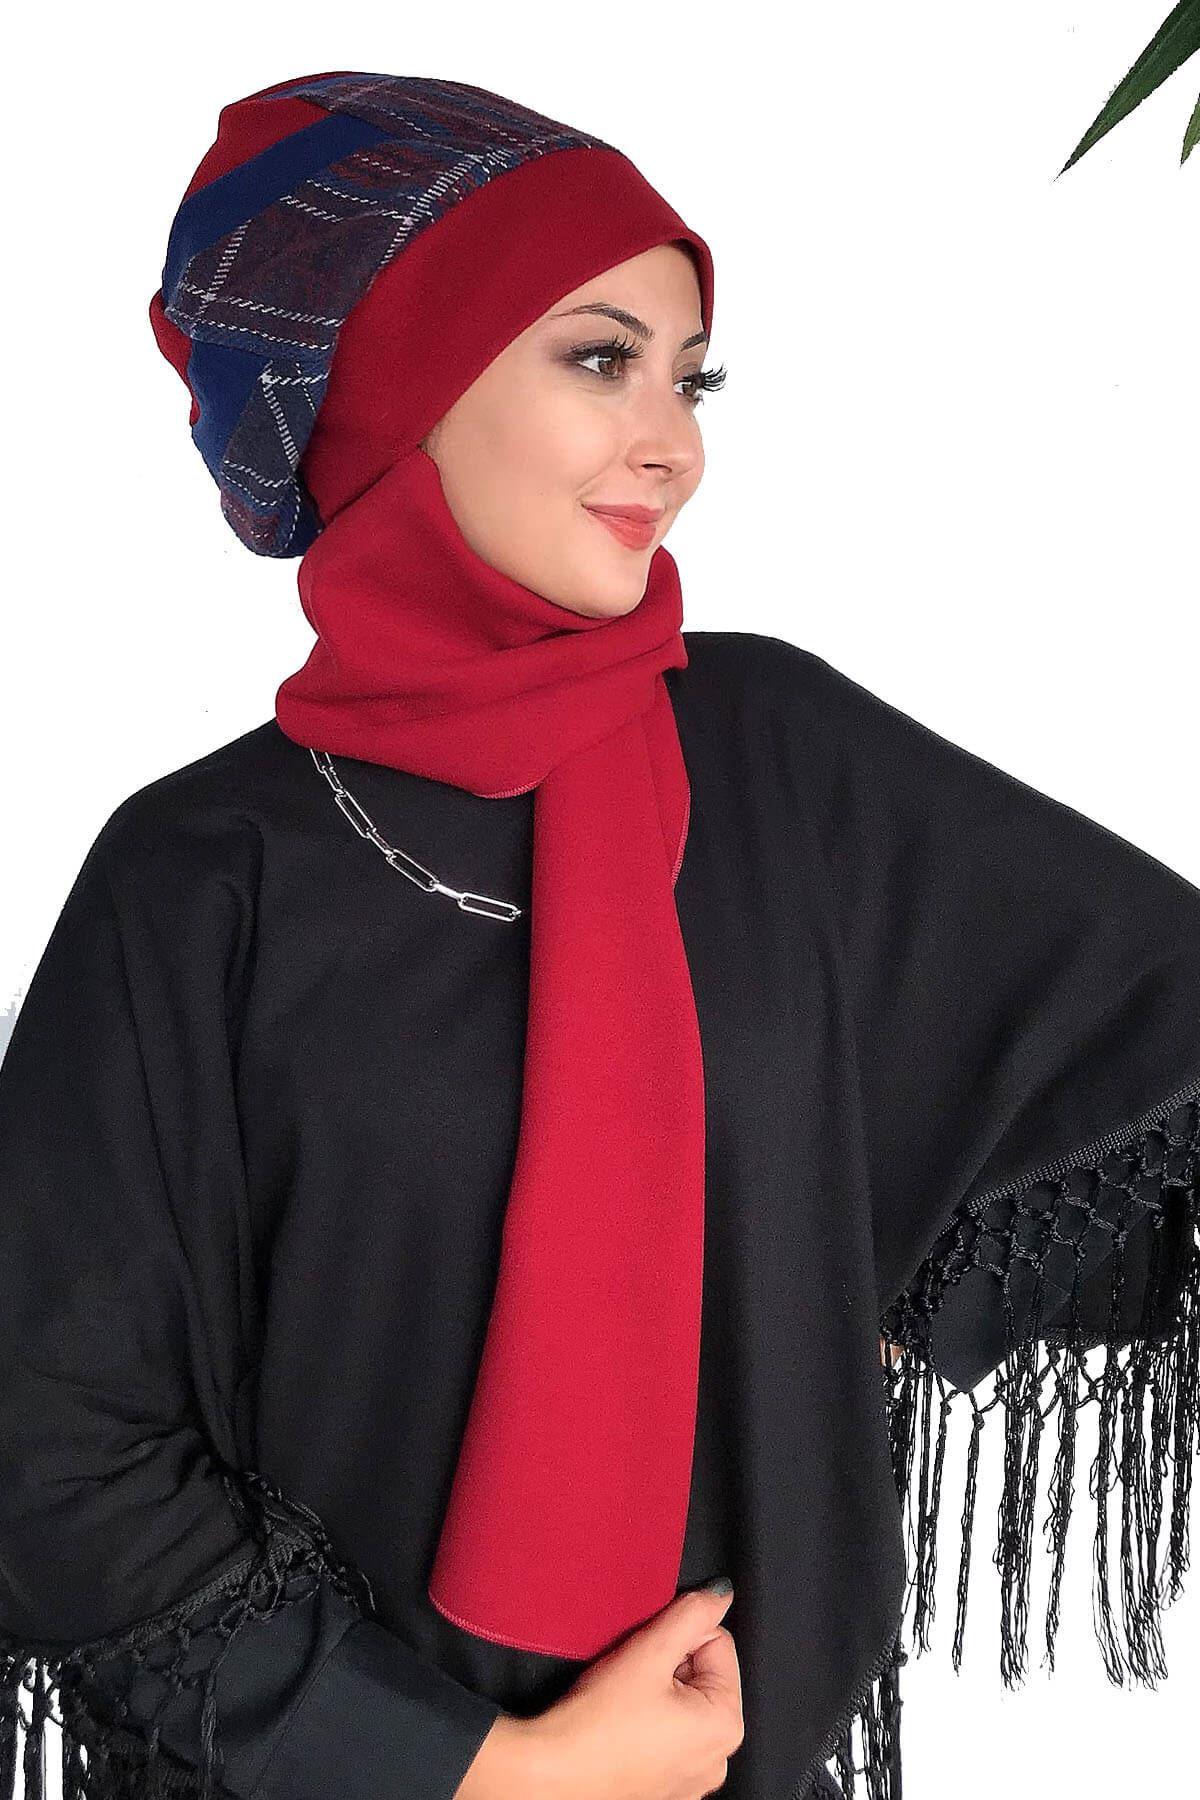 Siyah Dantelli Panço& Üç Renkli Kaşe Kırmızı Ekoseli Melek Model Atkılı Bere Şal